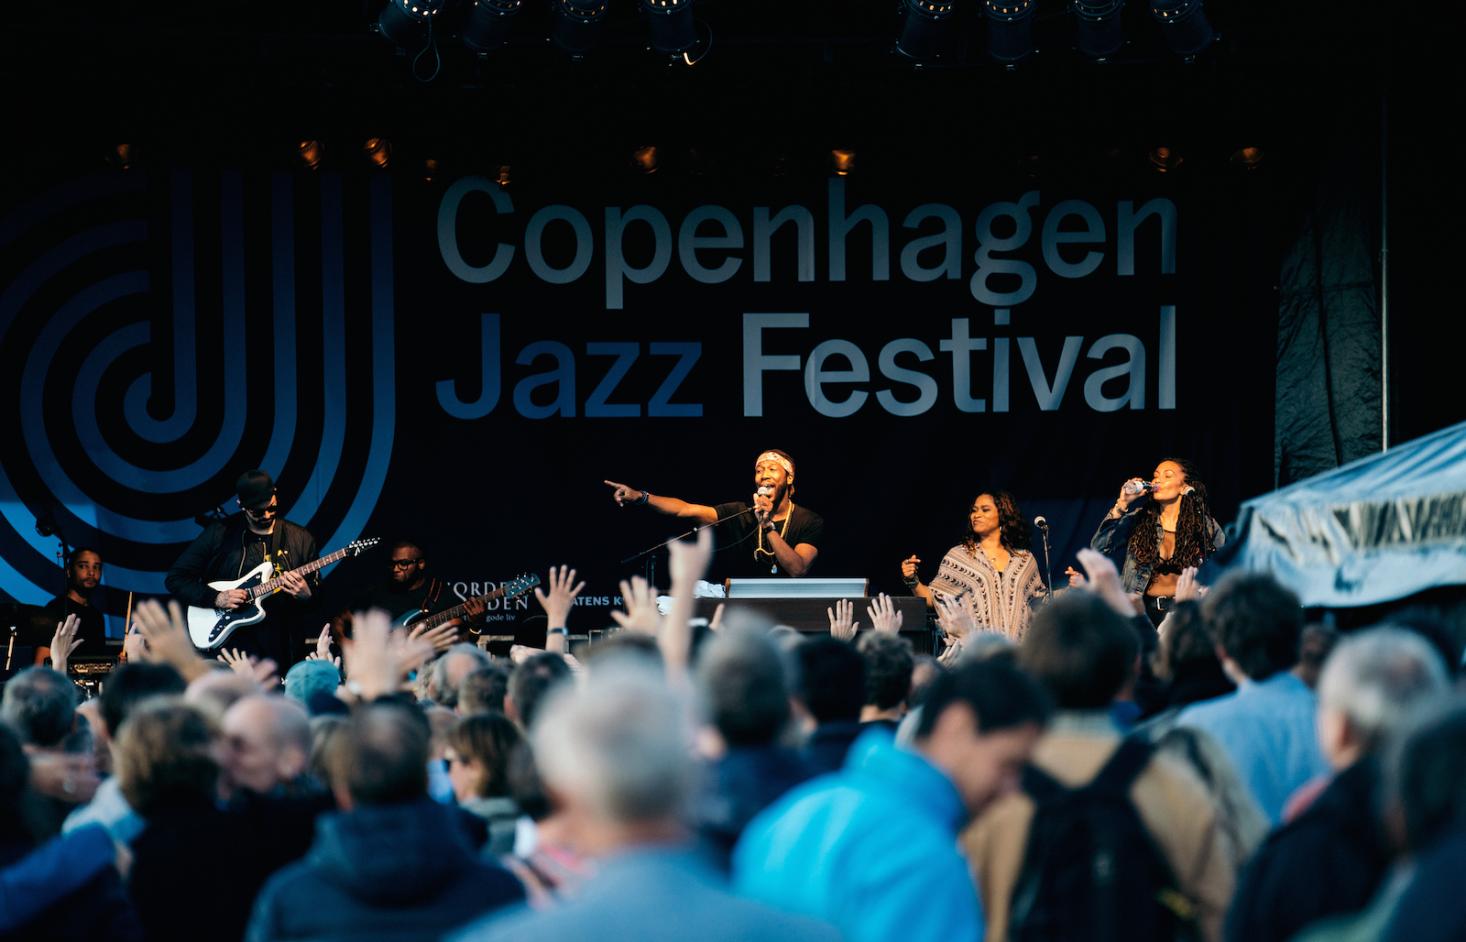 Årets festivaldatoer: Copenhagen Jazz Festival 2020, 3.-12. juli / Vinterjazz 2020, 6.-29. februar